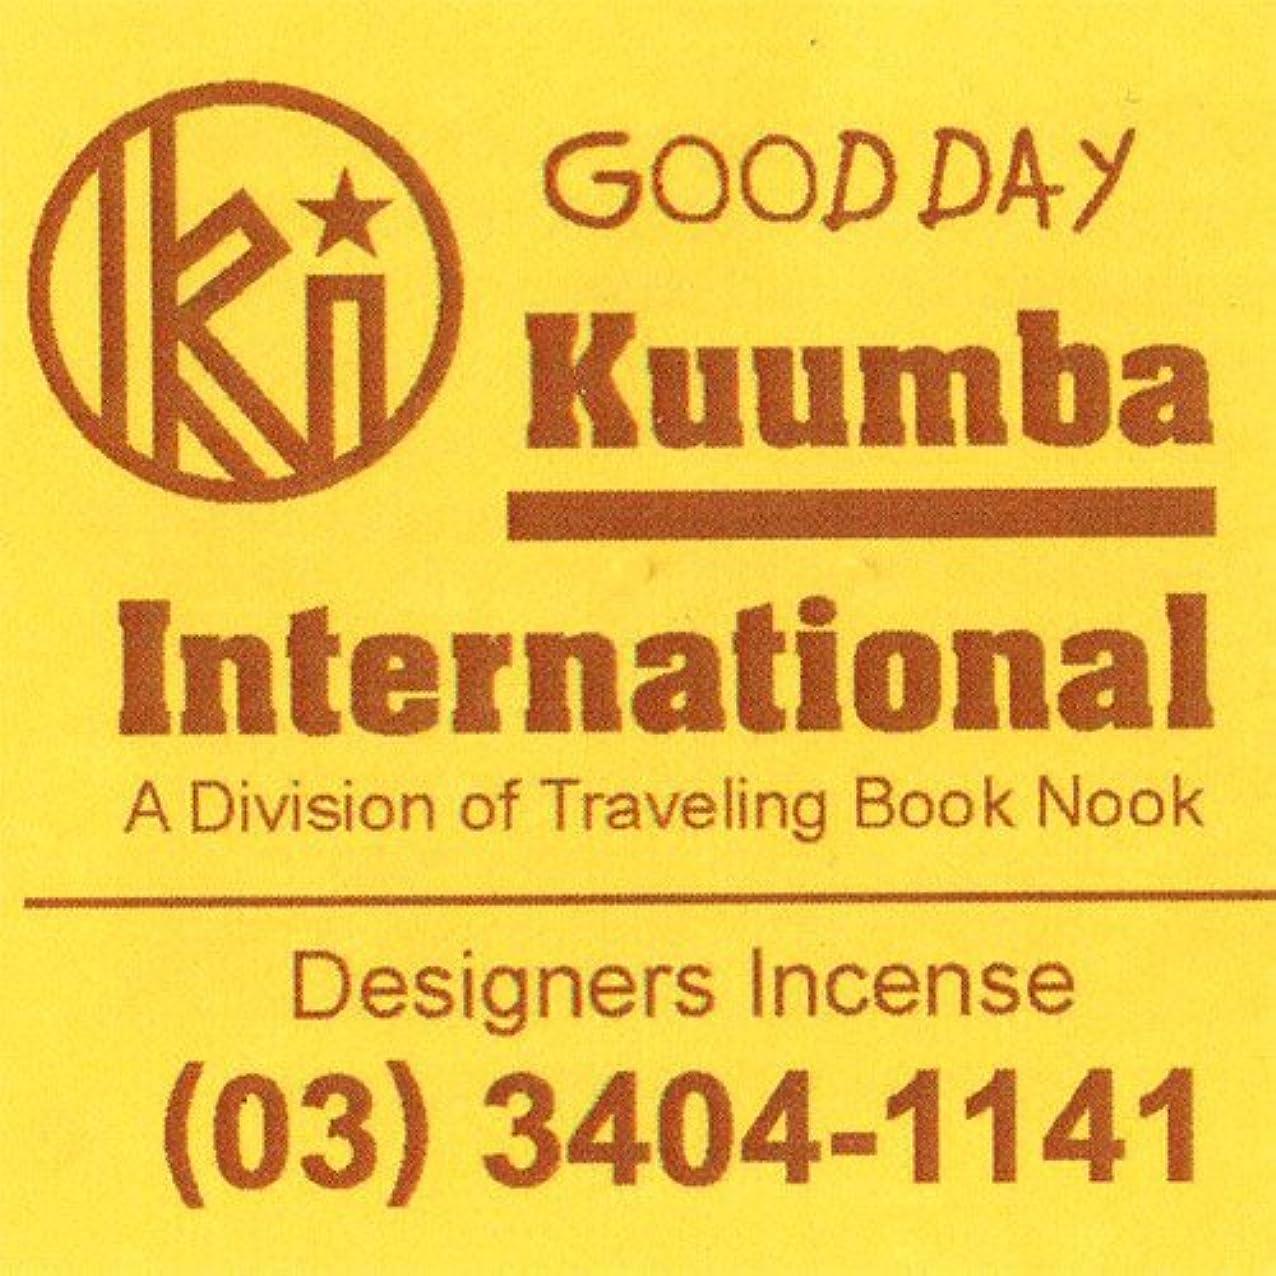 サイクロプススポークスマン粘土KUUMBA / クンバ『incense』(GOOD DAY) (Regular size)